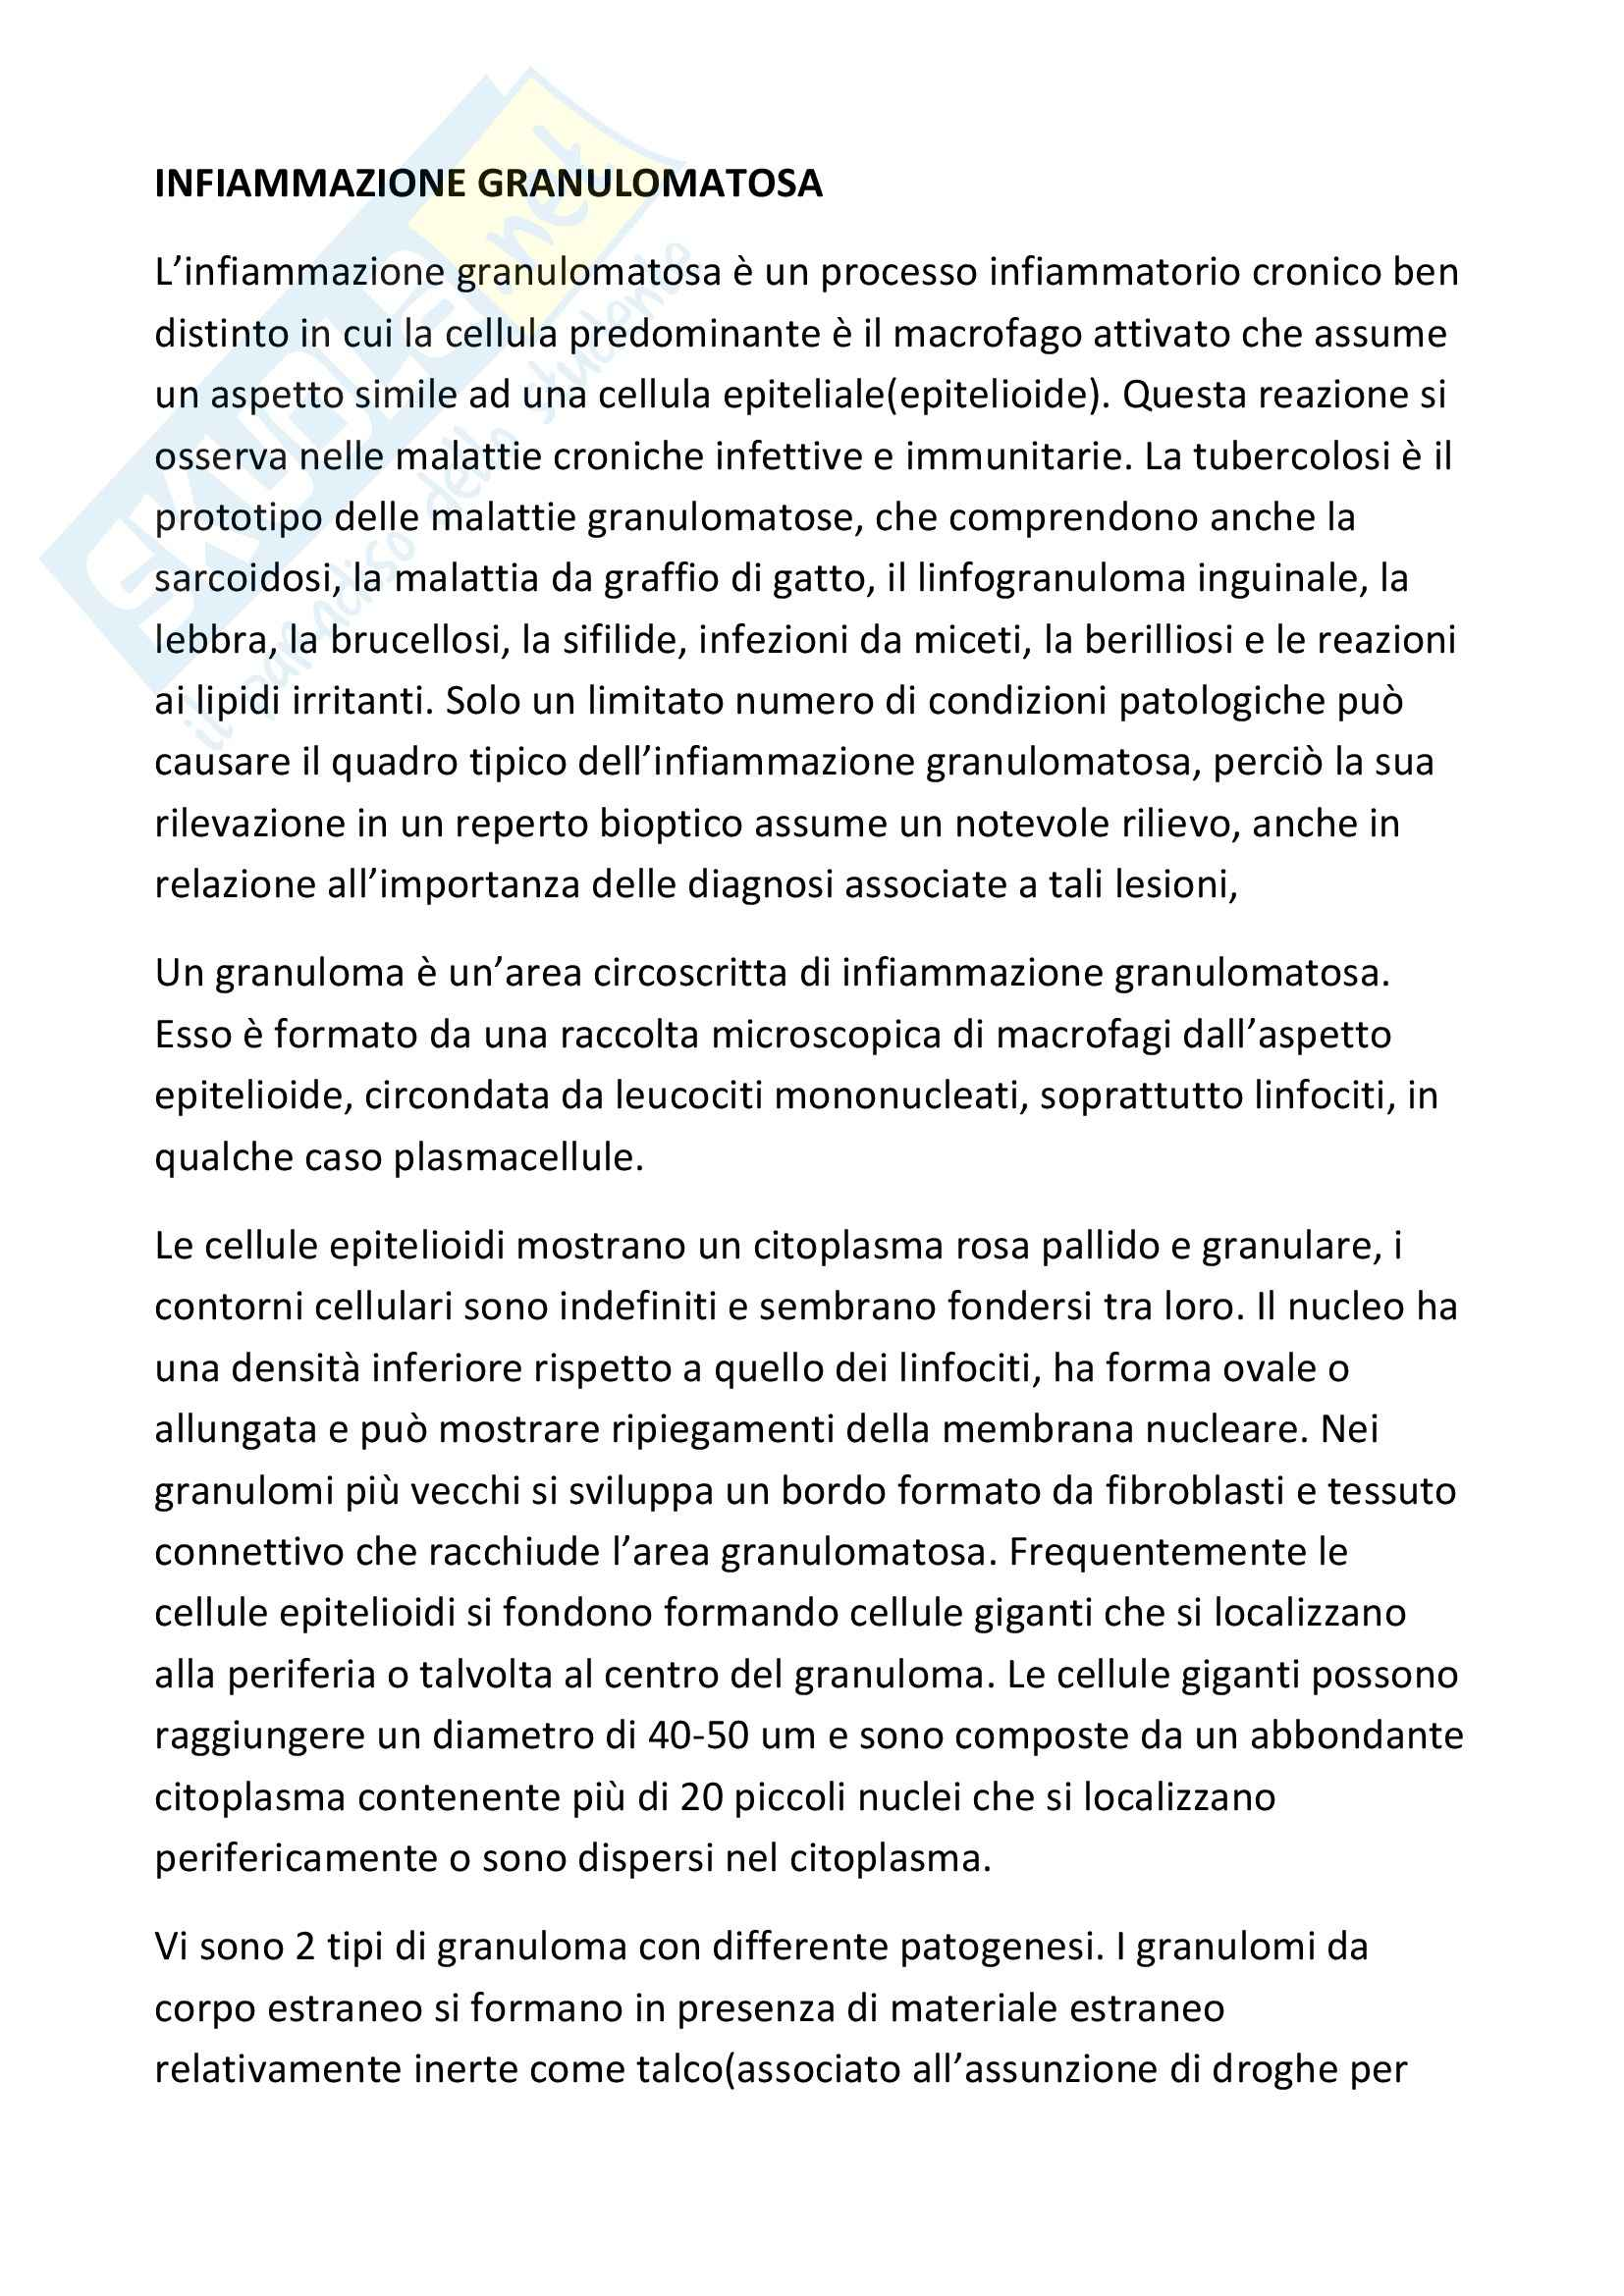 Anatomia patologica - l'infiammazione granulomatosa